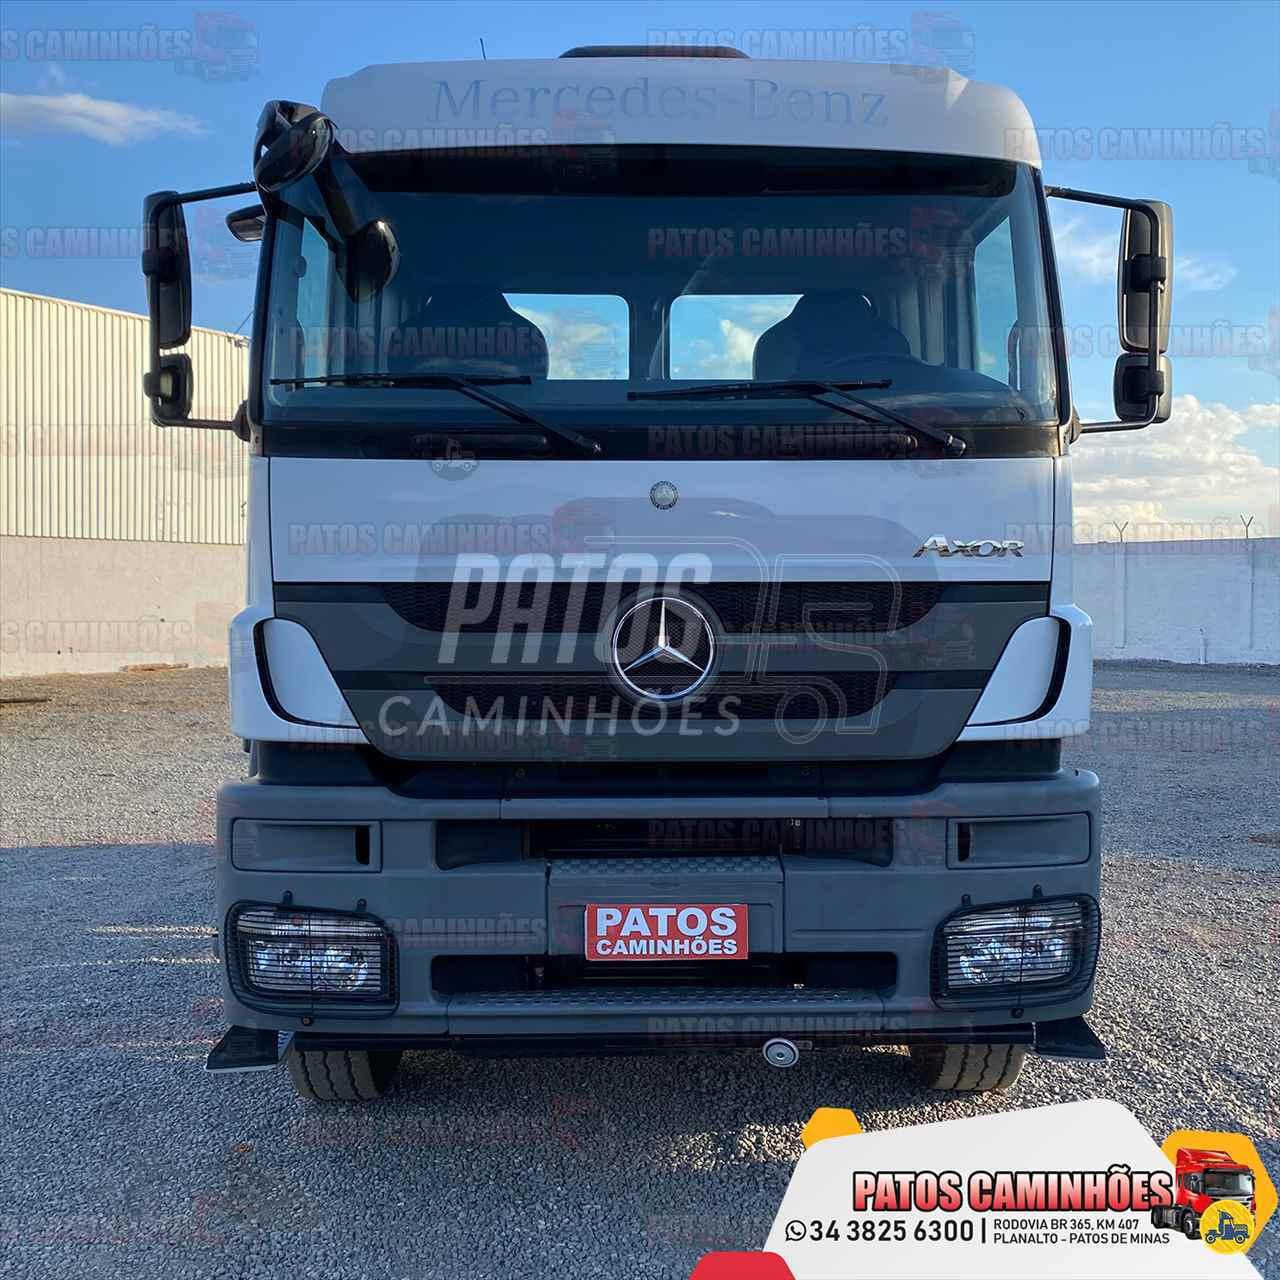 CAMINHAO MERCEDES-BENZ MB 3344 Cavalo Mecânico Traçado 6x4 Patos Caminhões PATOS DE MINAS MINAS GERAIS MG